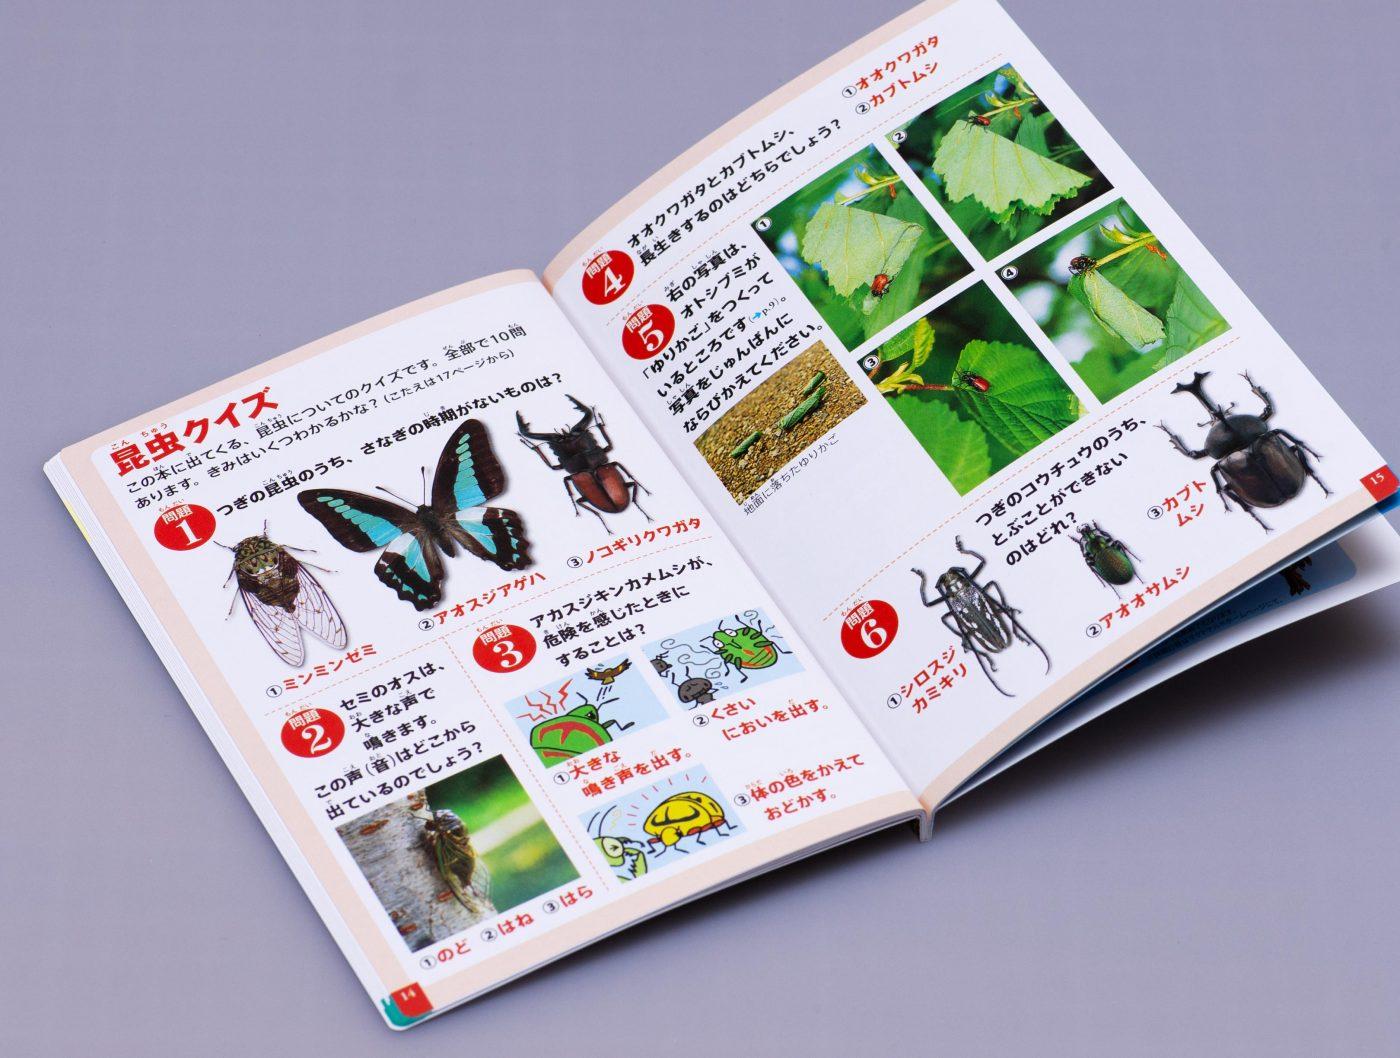 マクドナルドのハッピーセット「昆虫図鑑」